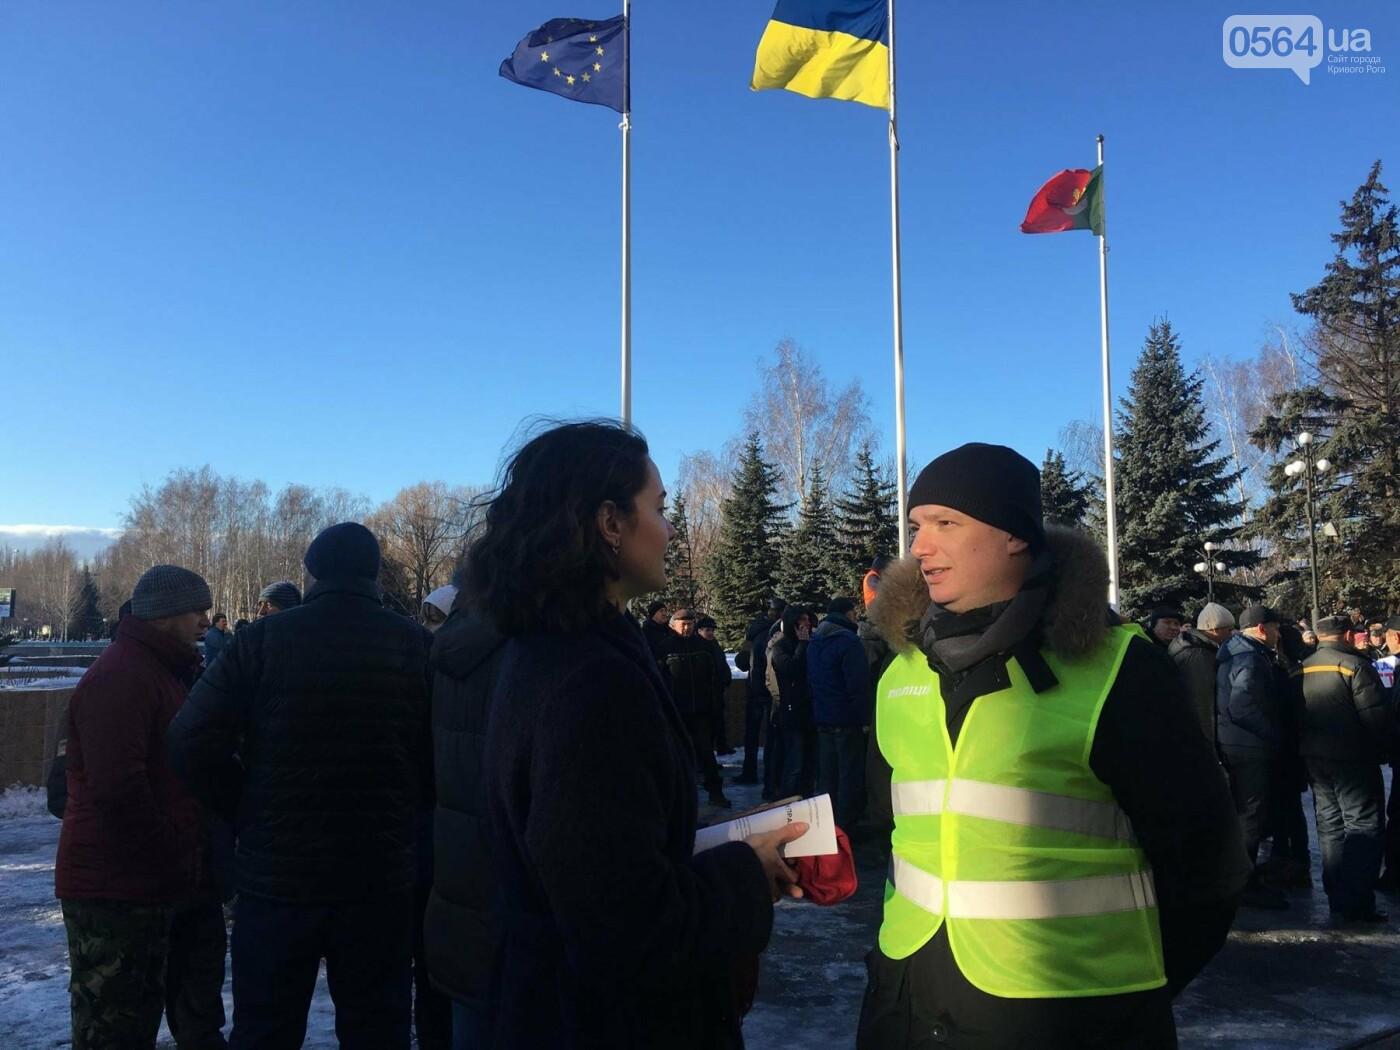 """""""Ми не ваші кріпаки..."""", - под Криворожским горсоветом проходит митинг сотрудников КПВП (ФОТО, ВИДЕО), фото-5"""